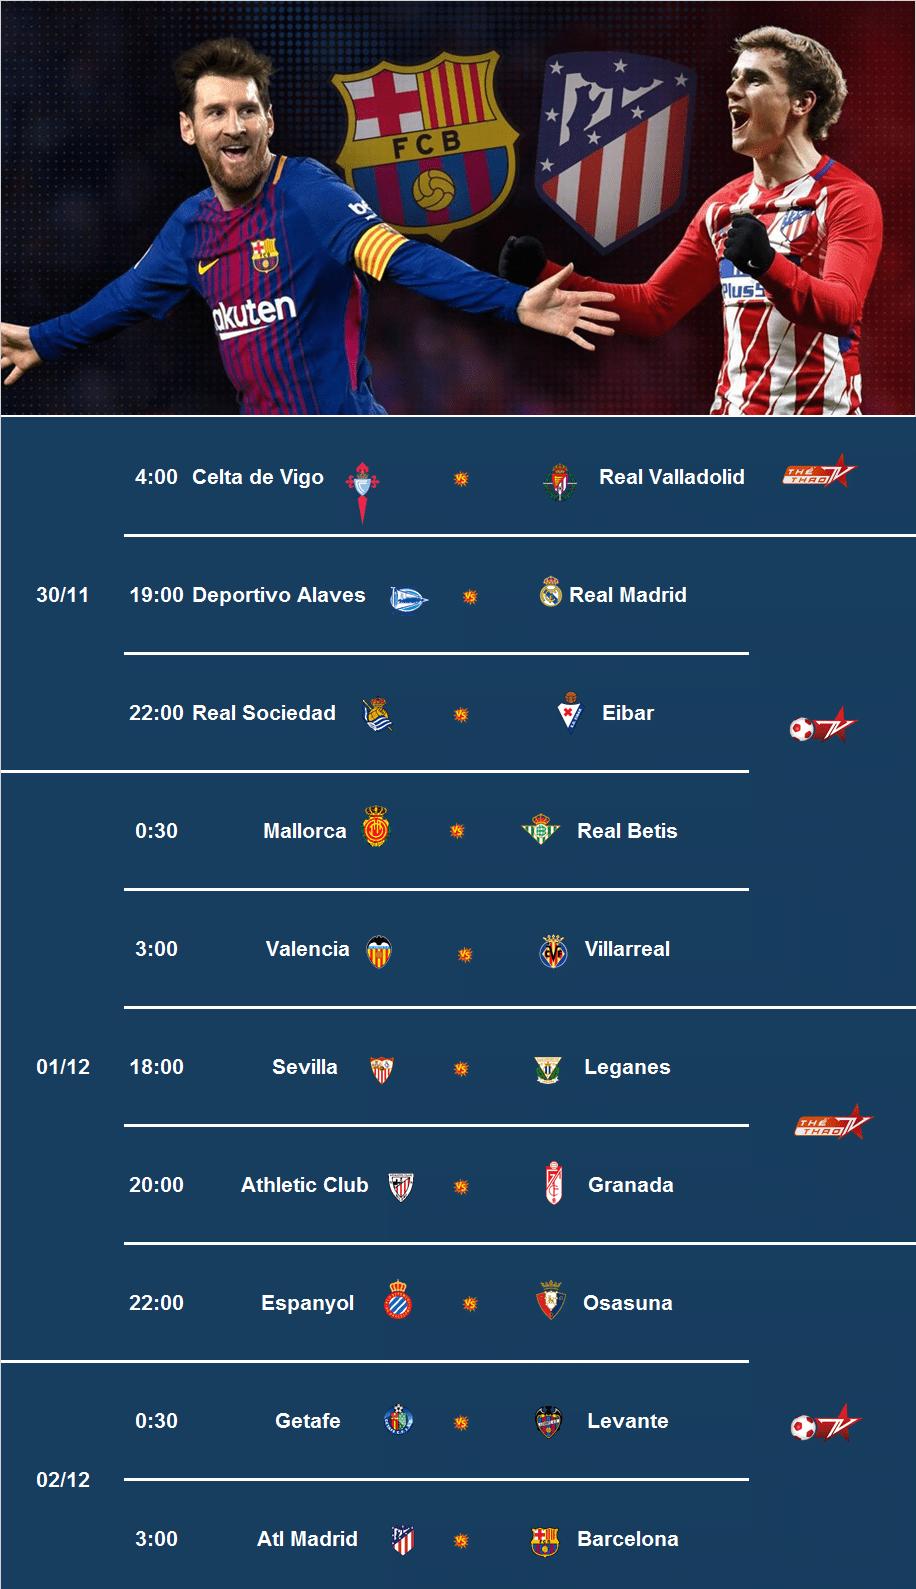 Lịch tường thuật trực tiếp  vòng 15 giải La Liga 2019/20 trên VTVcab